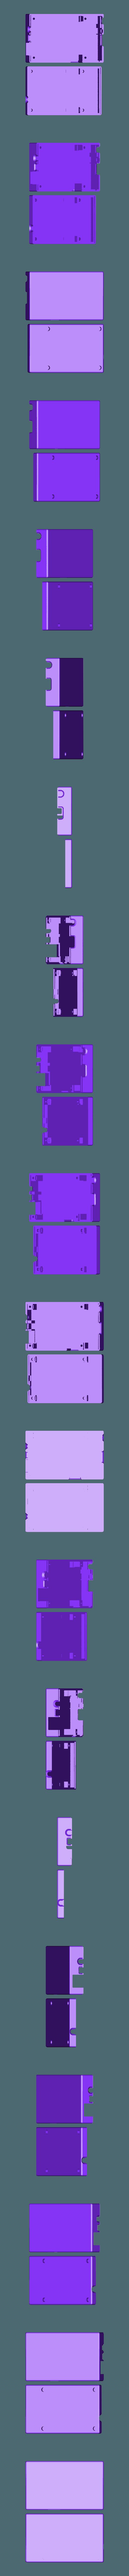 cubieboard-case.stl Télécharger fichier SCAD gratuit Générateur de cas universel avec exemple de cas pour Cubieboard • Modèle imprimable en 3D, Urgnarb